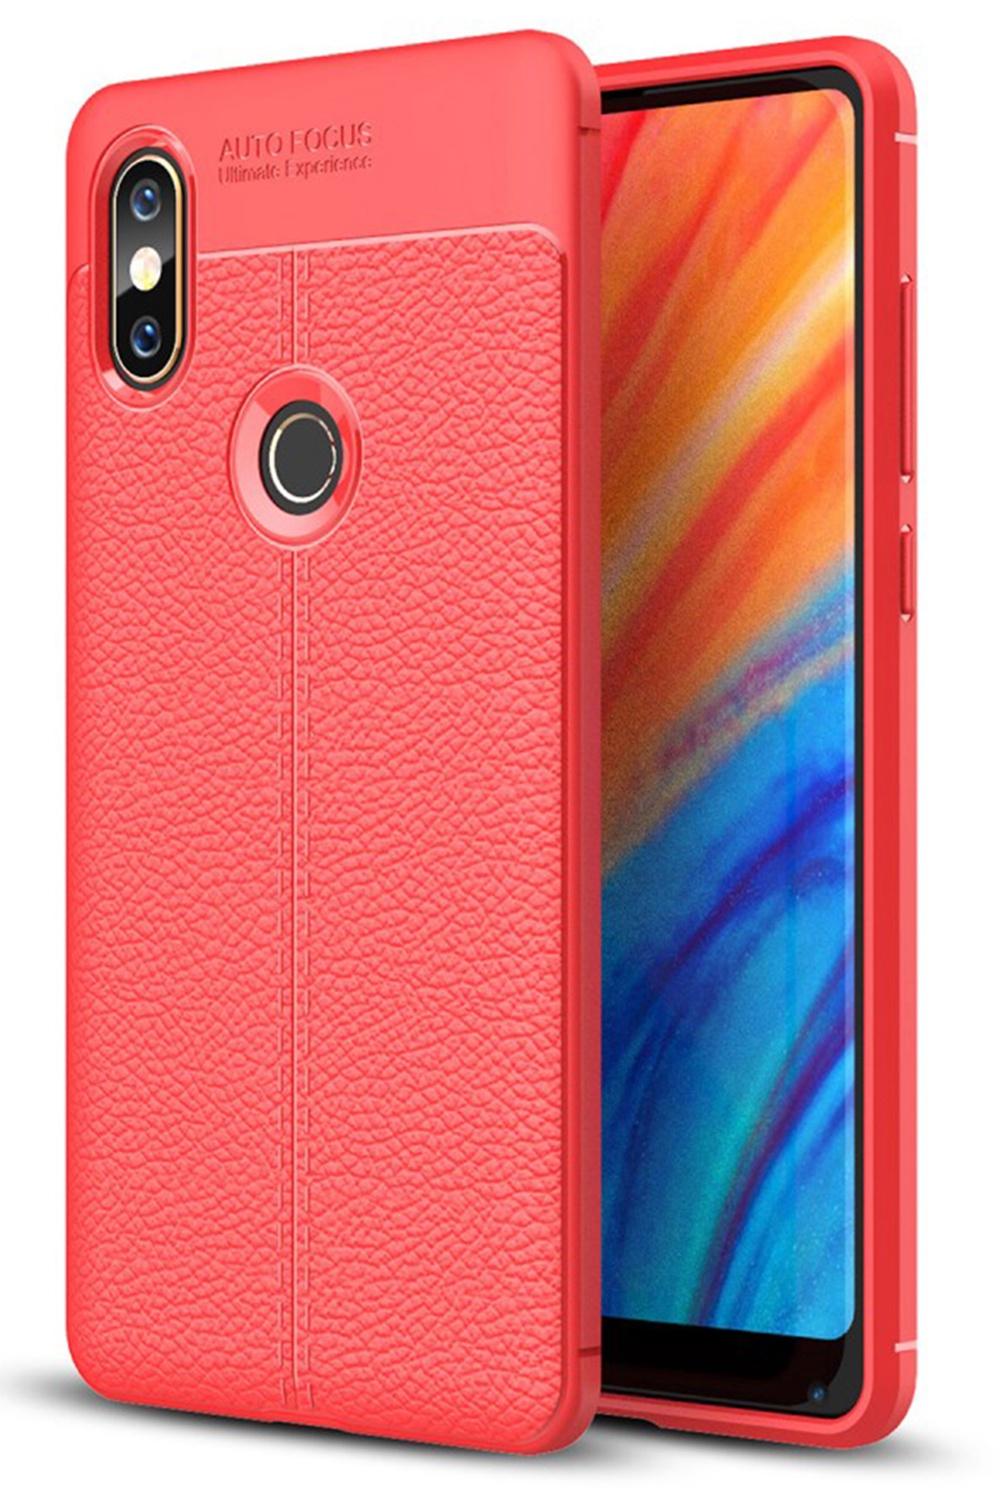 Чехол для сотового телефона Мобильная Мода Xiaomi Mi Mix 2s Накладка силиконовая противоударная со структрой под кожу, красный